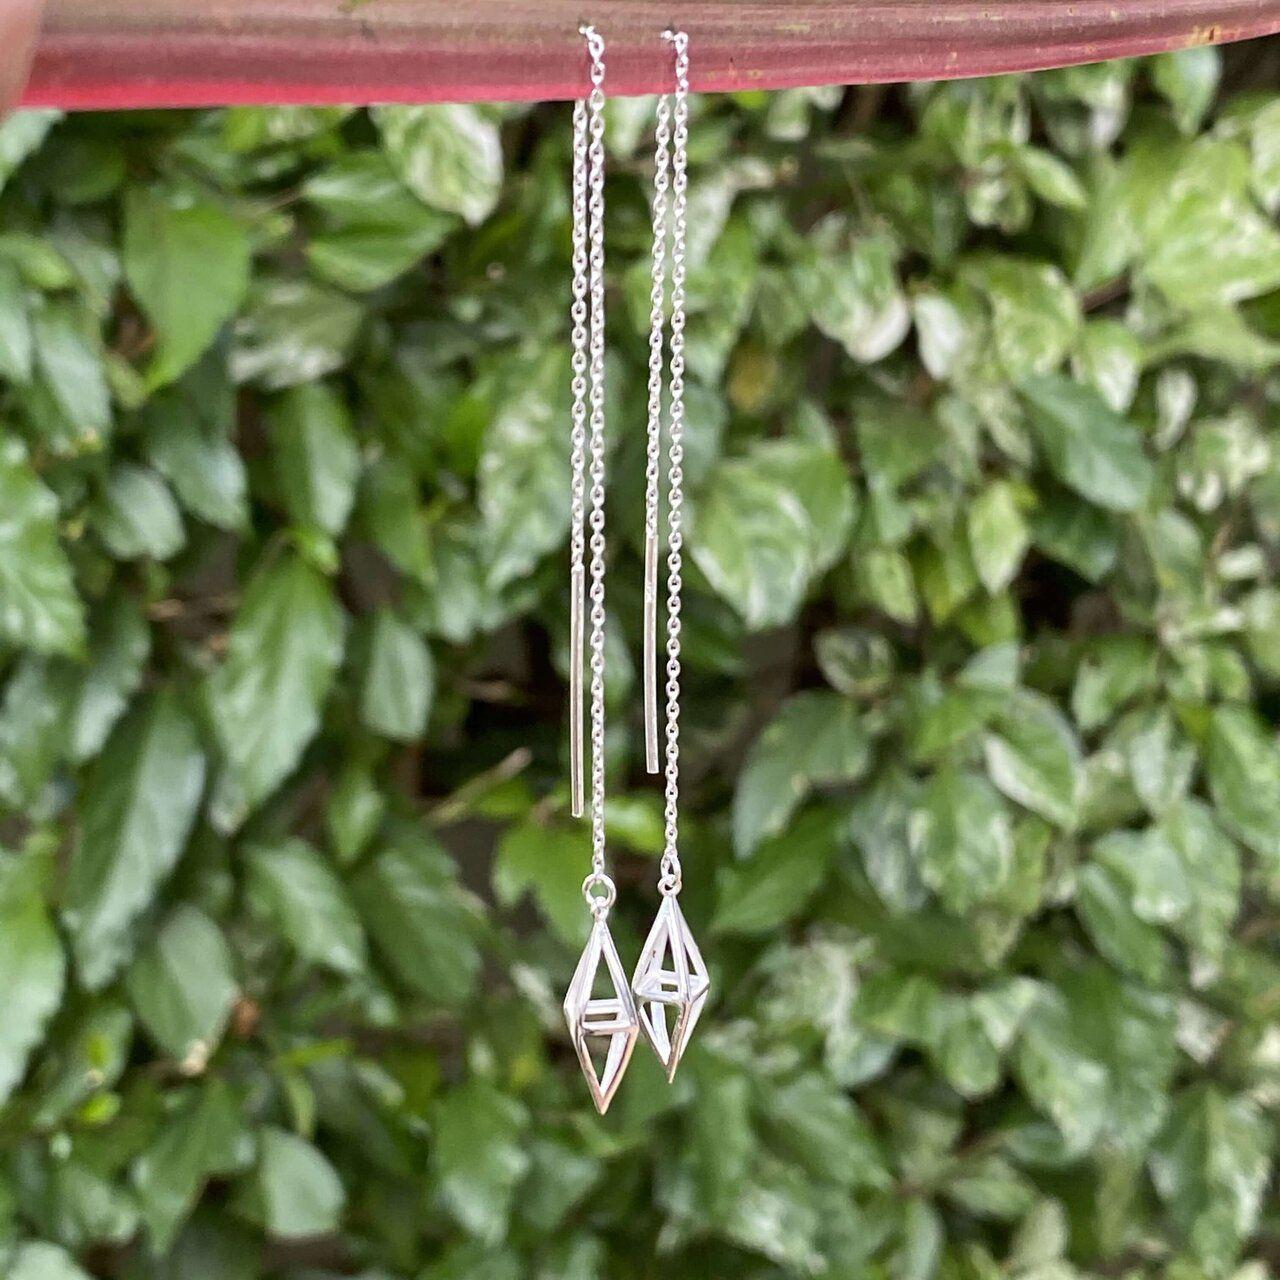 Brinco de Prata Fio Corrente Ponta Diamante Vazado 14,5cm